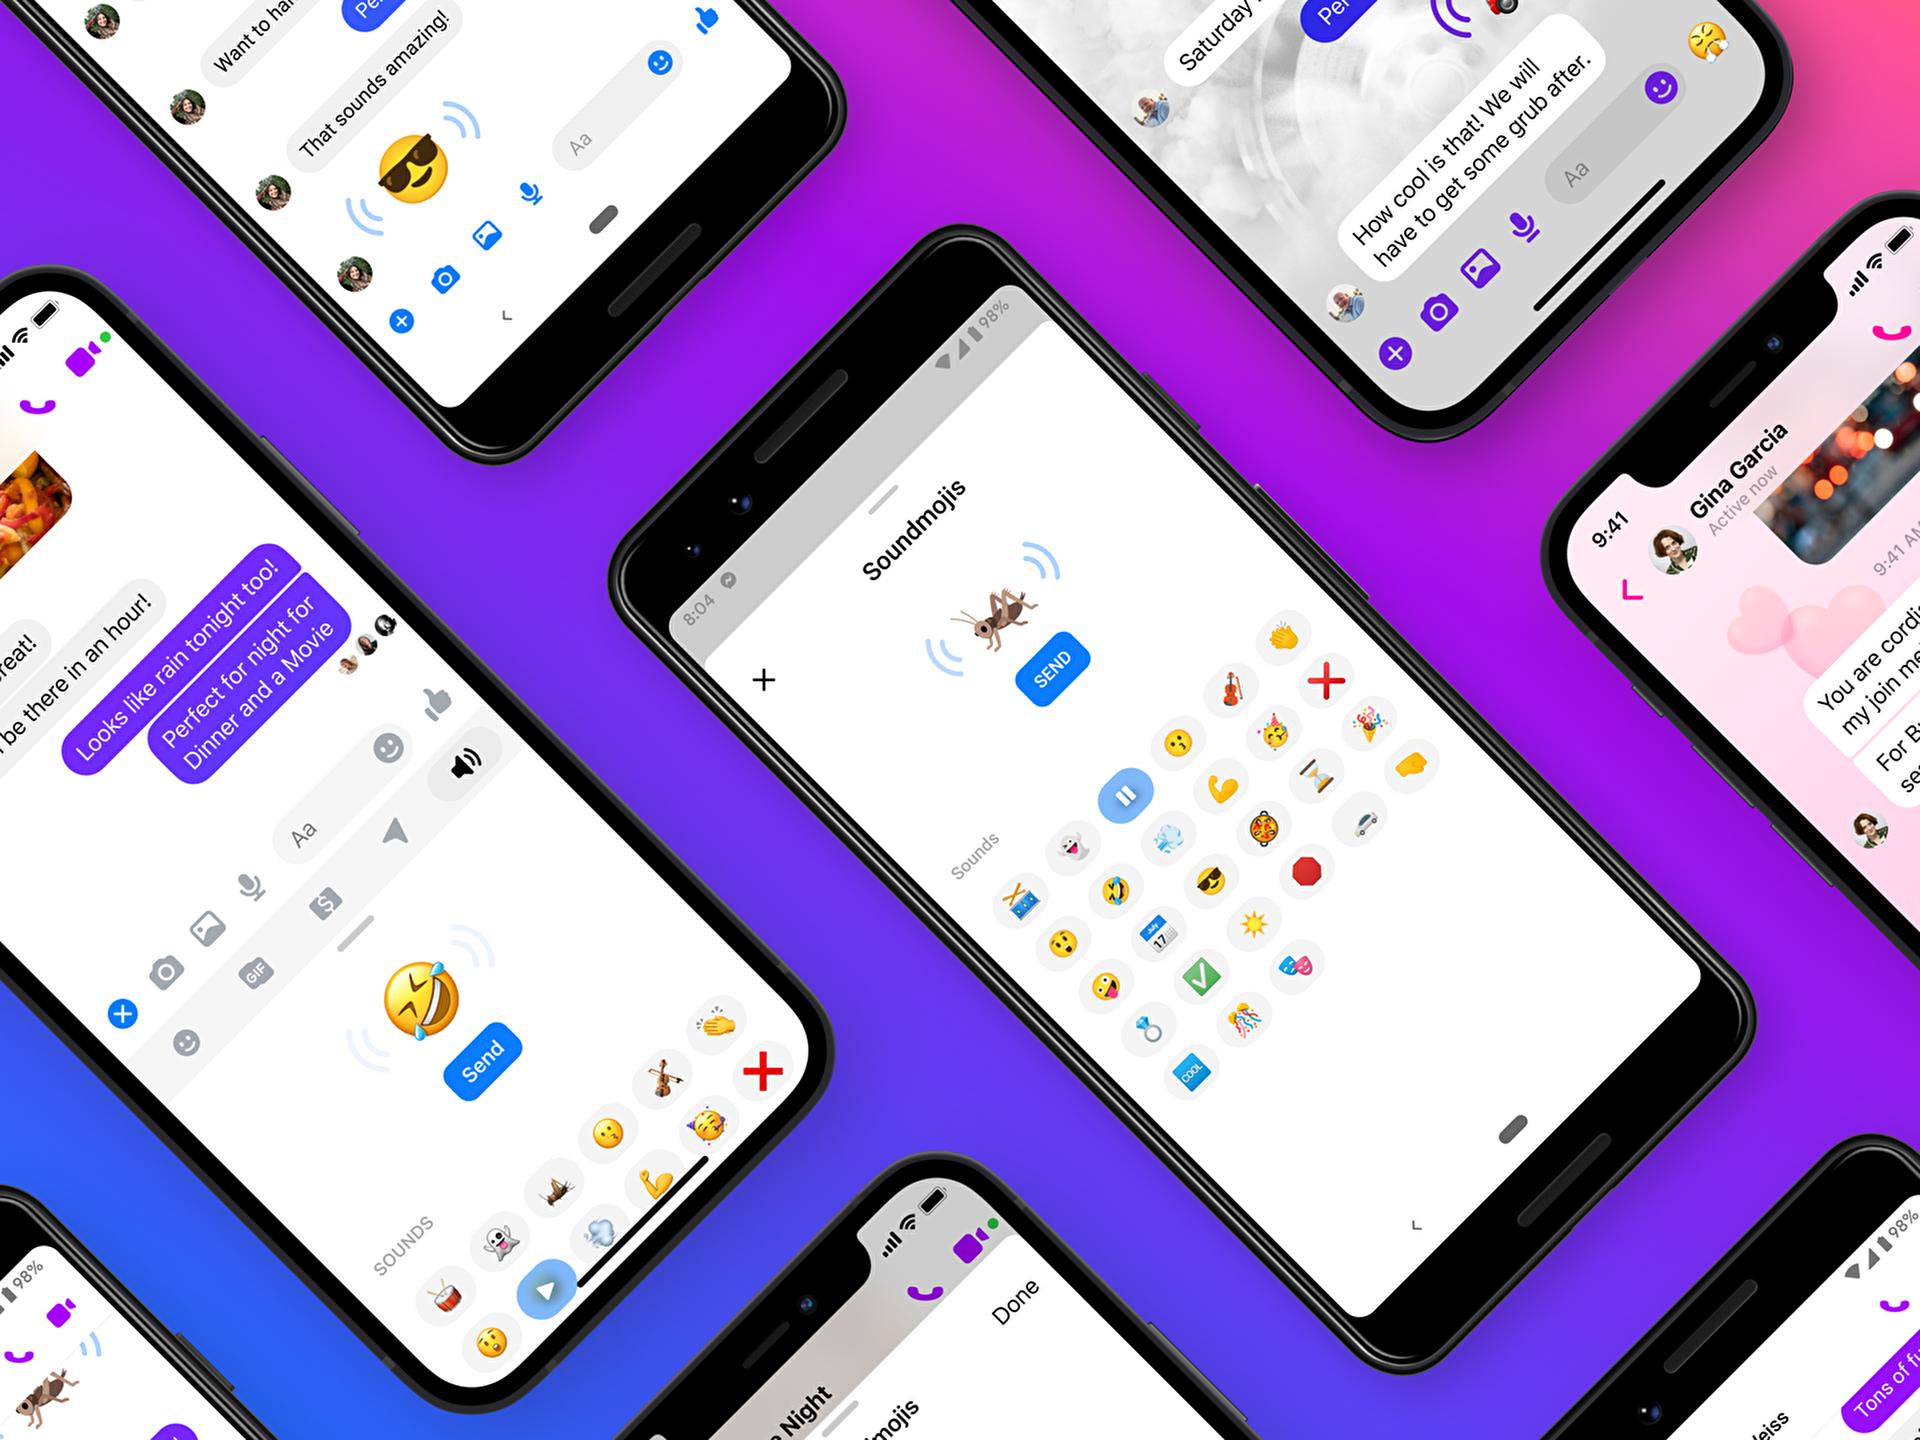 Facebook lanza emojis con sonido: ¿cómo usarlos?